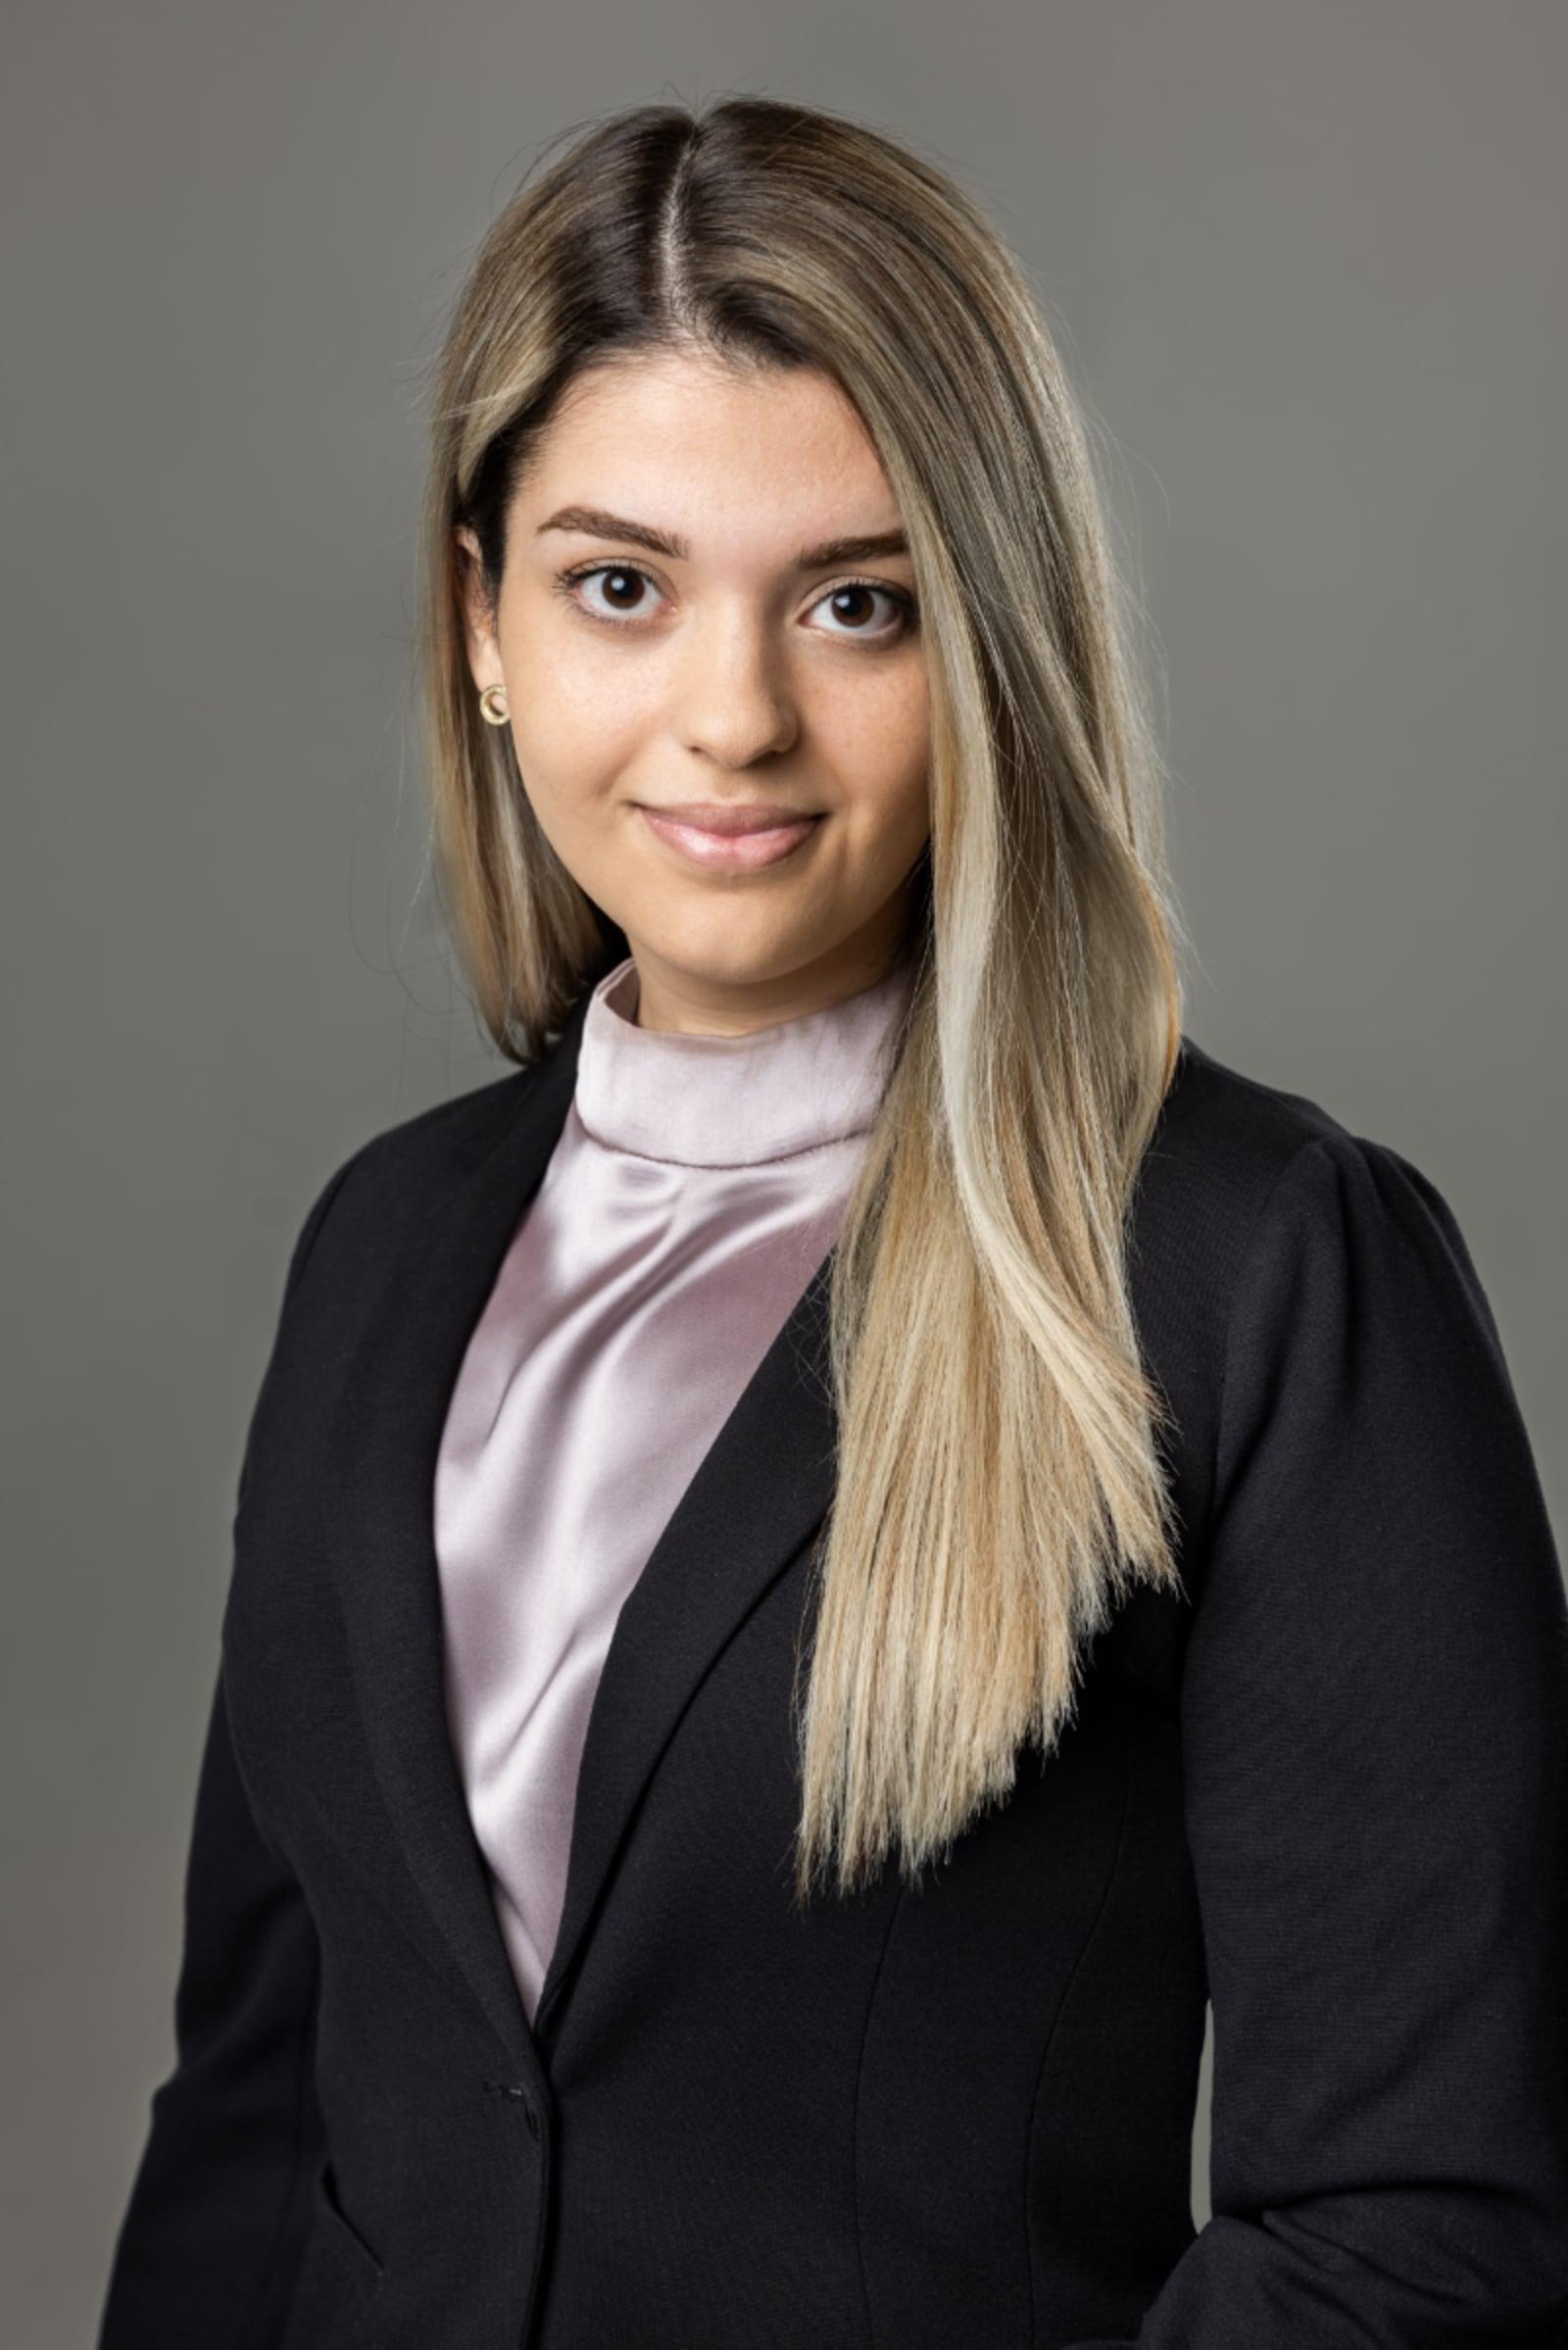 Desirée Mohsenpour